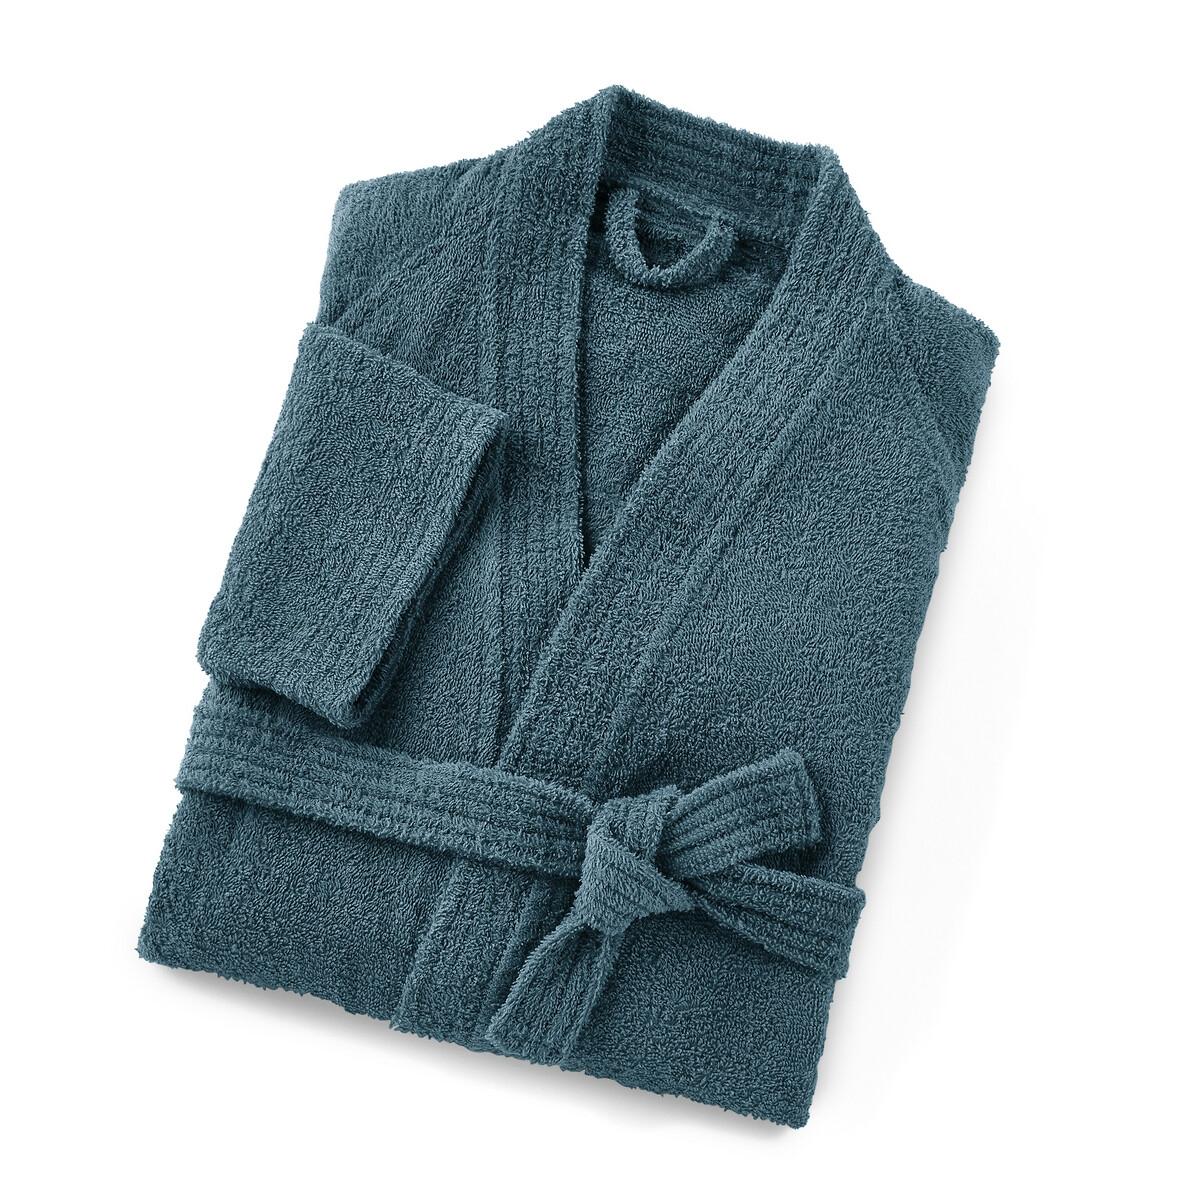 Халат-кимоно LaRedoute Для взрослых 350 гм Scenario 42/44 (FR) - 48/50 (RUS) синий 5 однотонных laredoute банных принадлежностей из махровой ткани 500 гм scenario единый размер синий